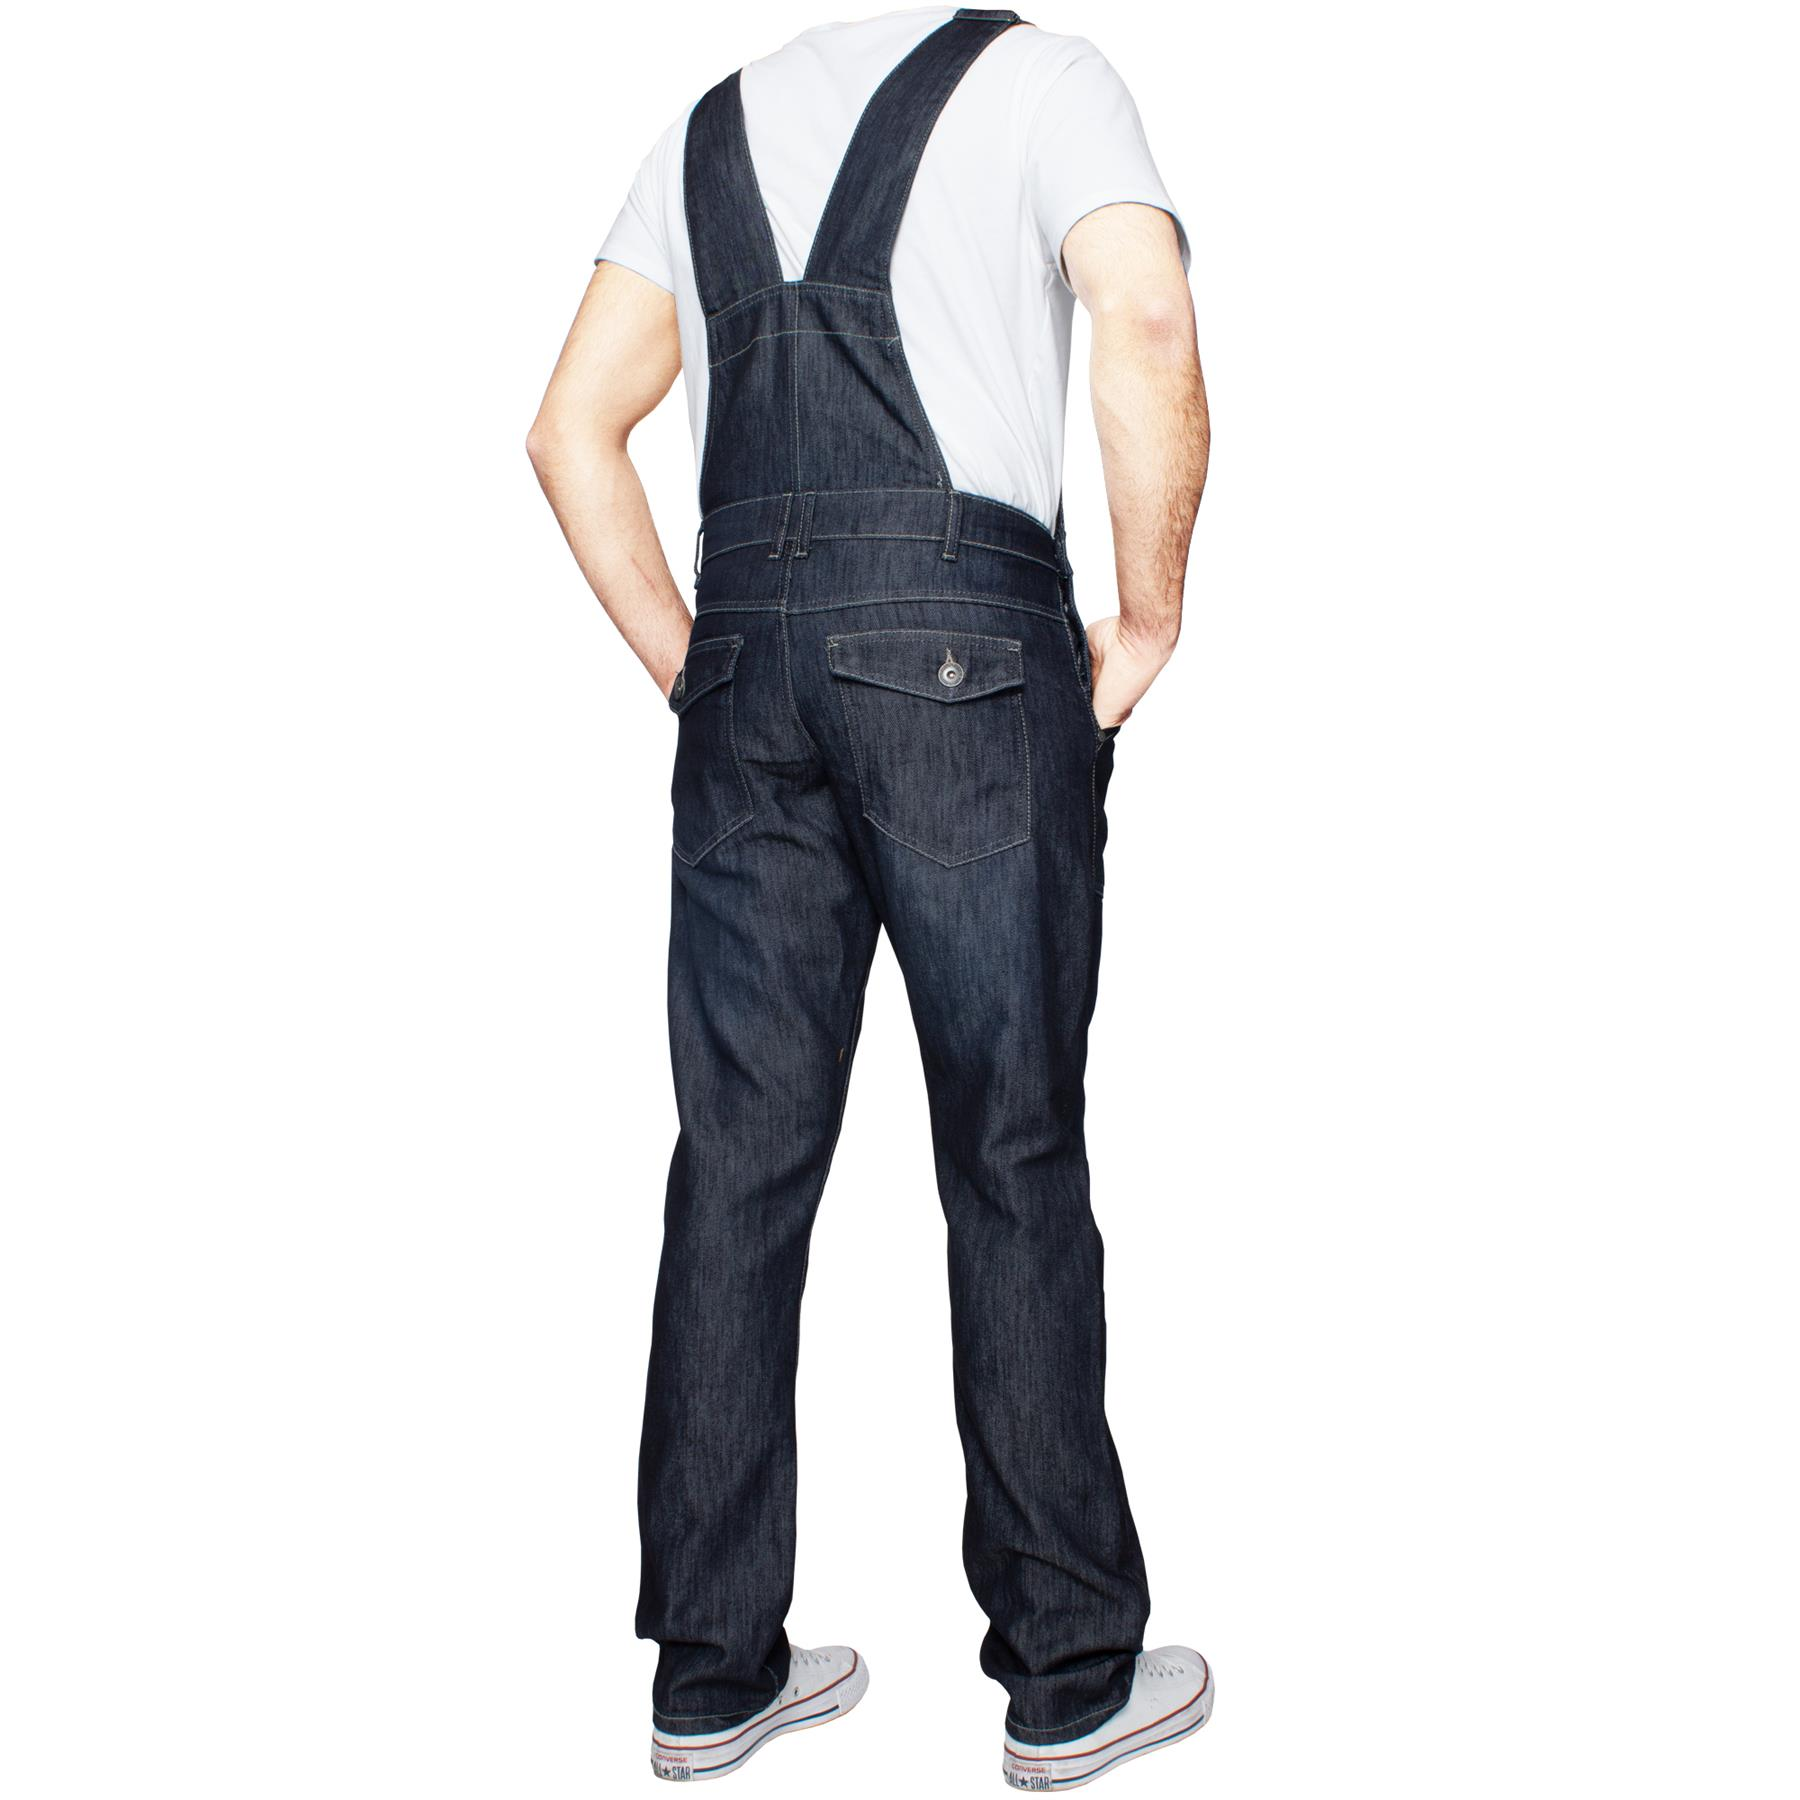 ENZO-Jeans-Hombre-Denim-Azul-Peto-Peto-overoles-Todas-Cinturas-Talla-30-034-50-034 miniatura 19